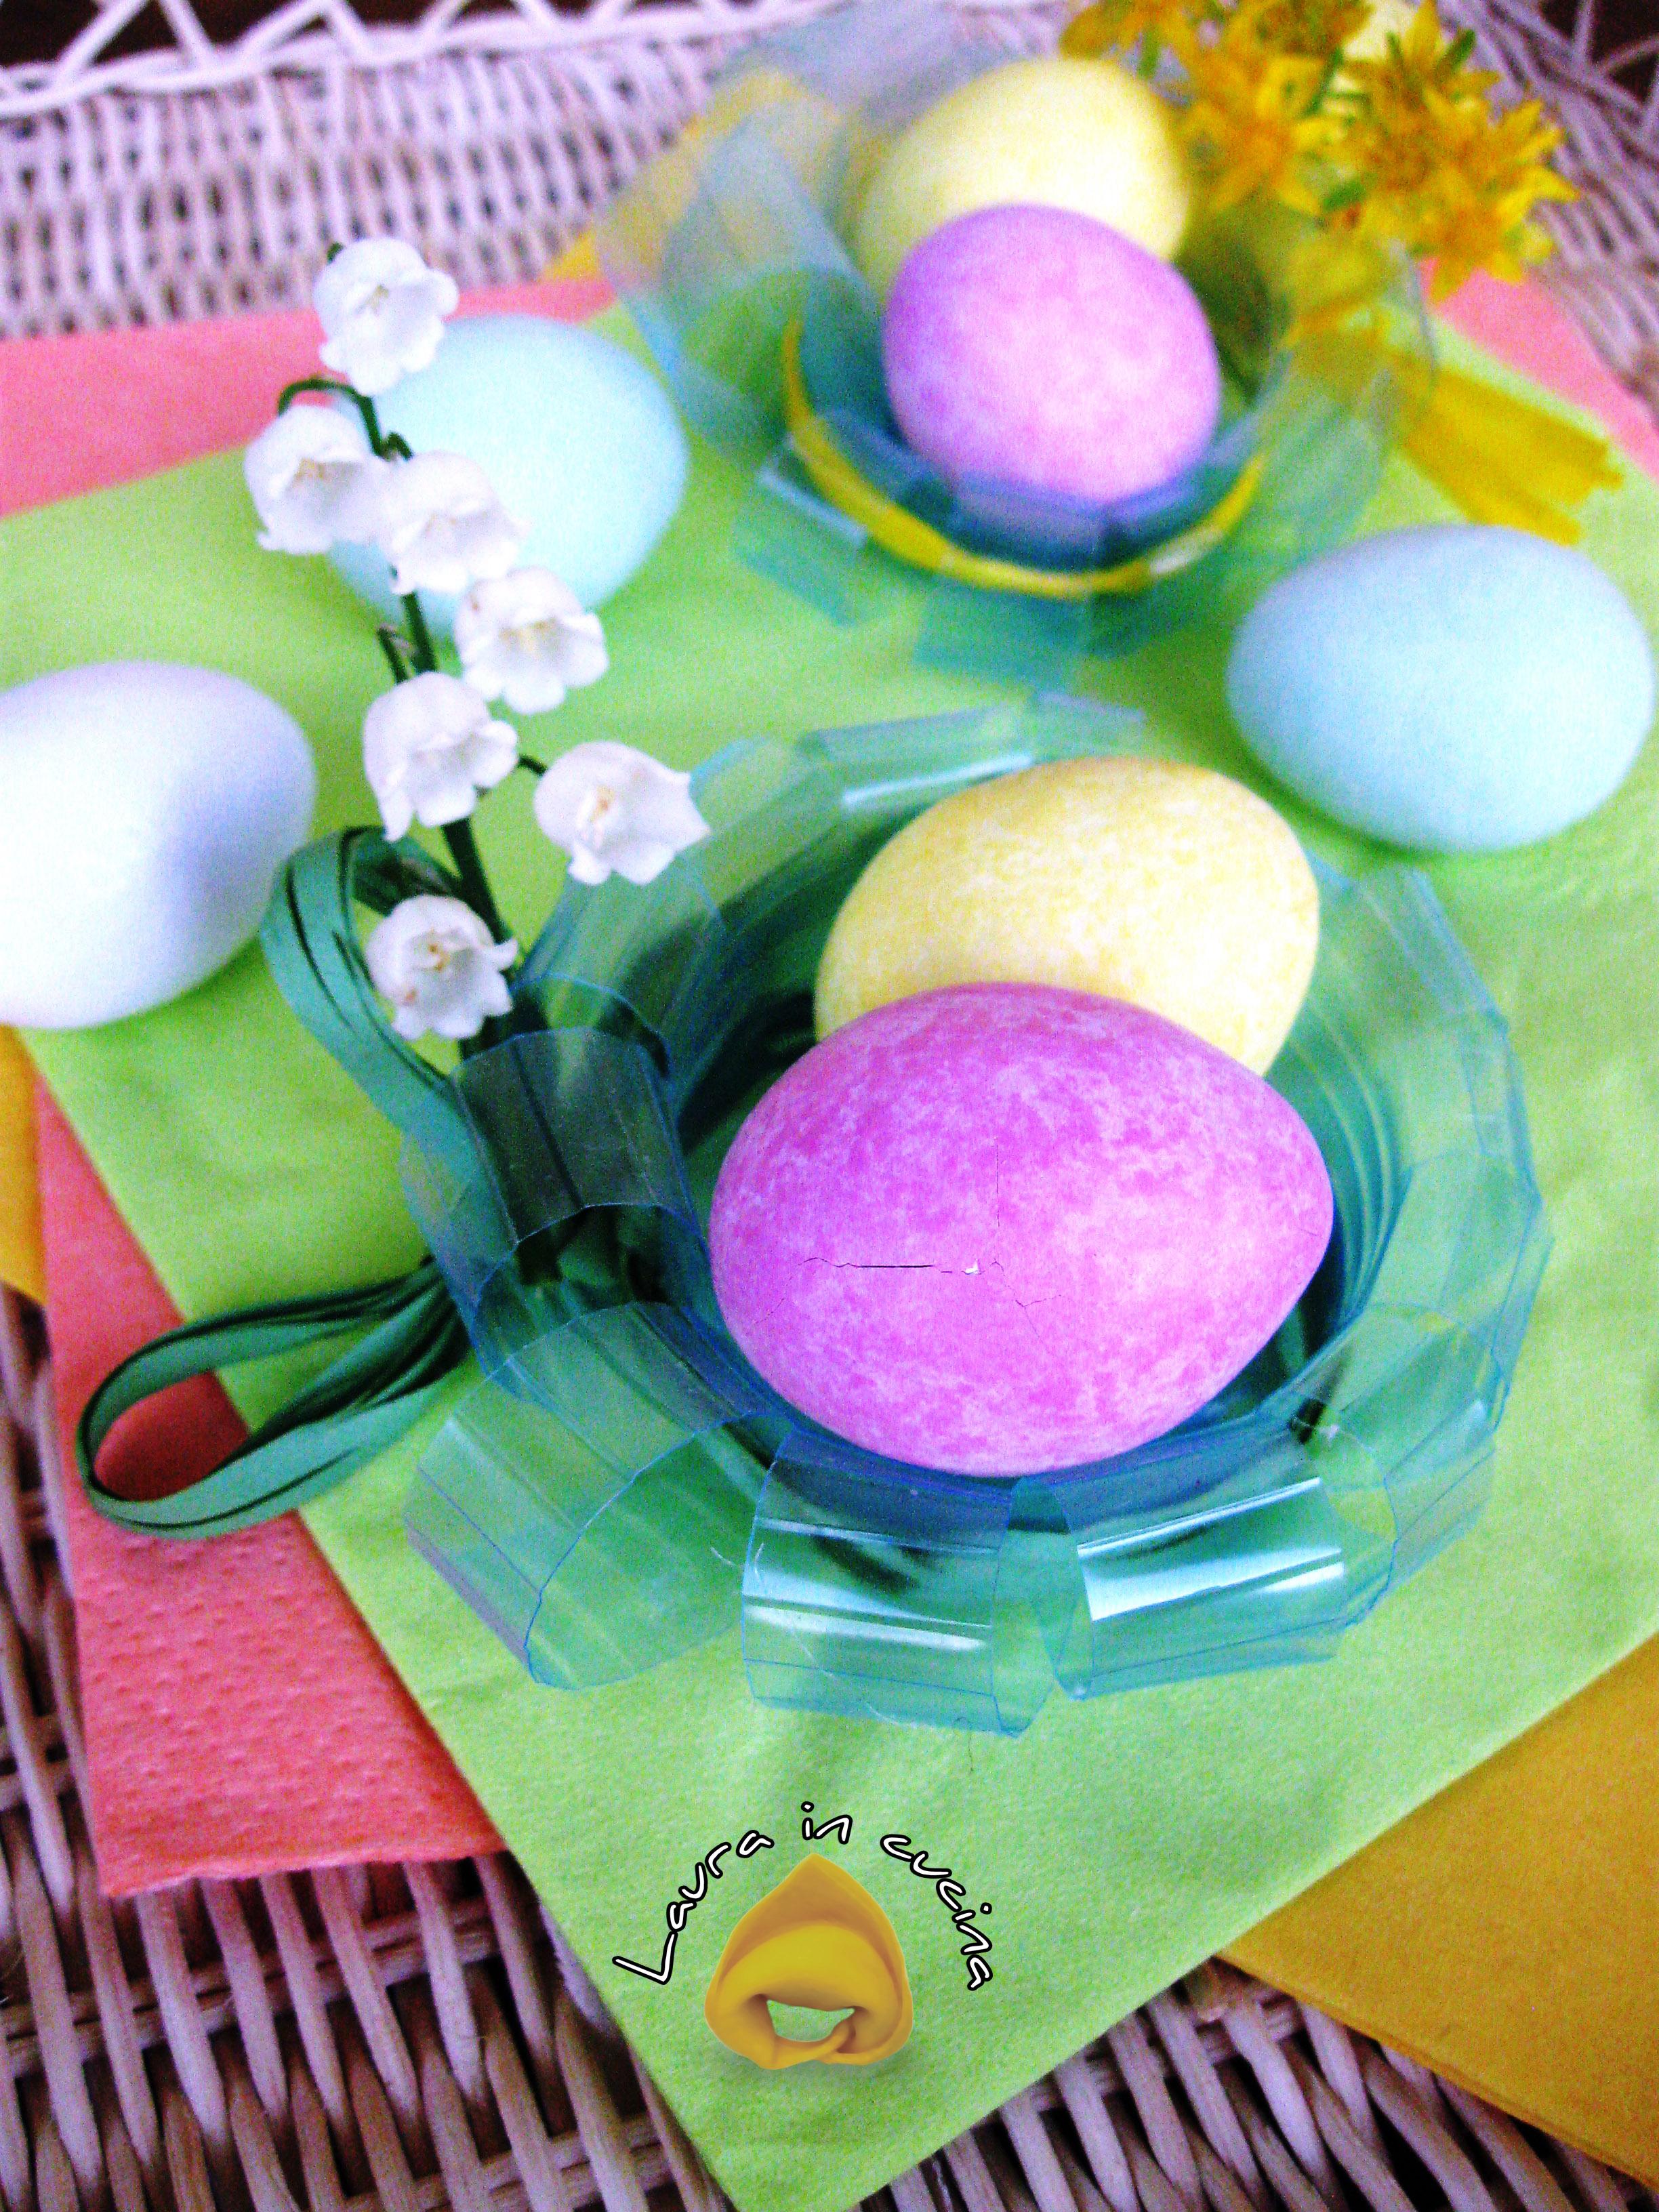 Decorazioni semplici per pasqua i cestini laura in cucina - Decorazioni uova pasquali per bambini ...